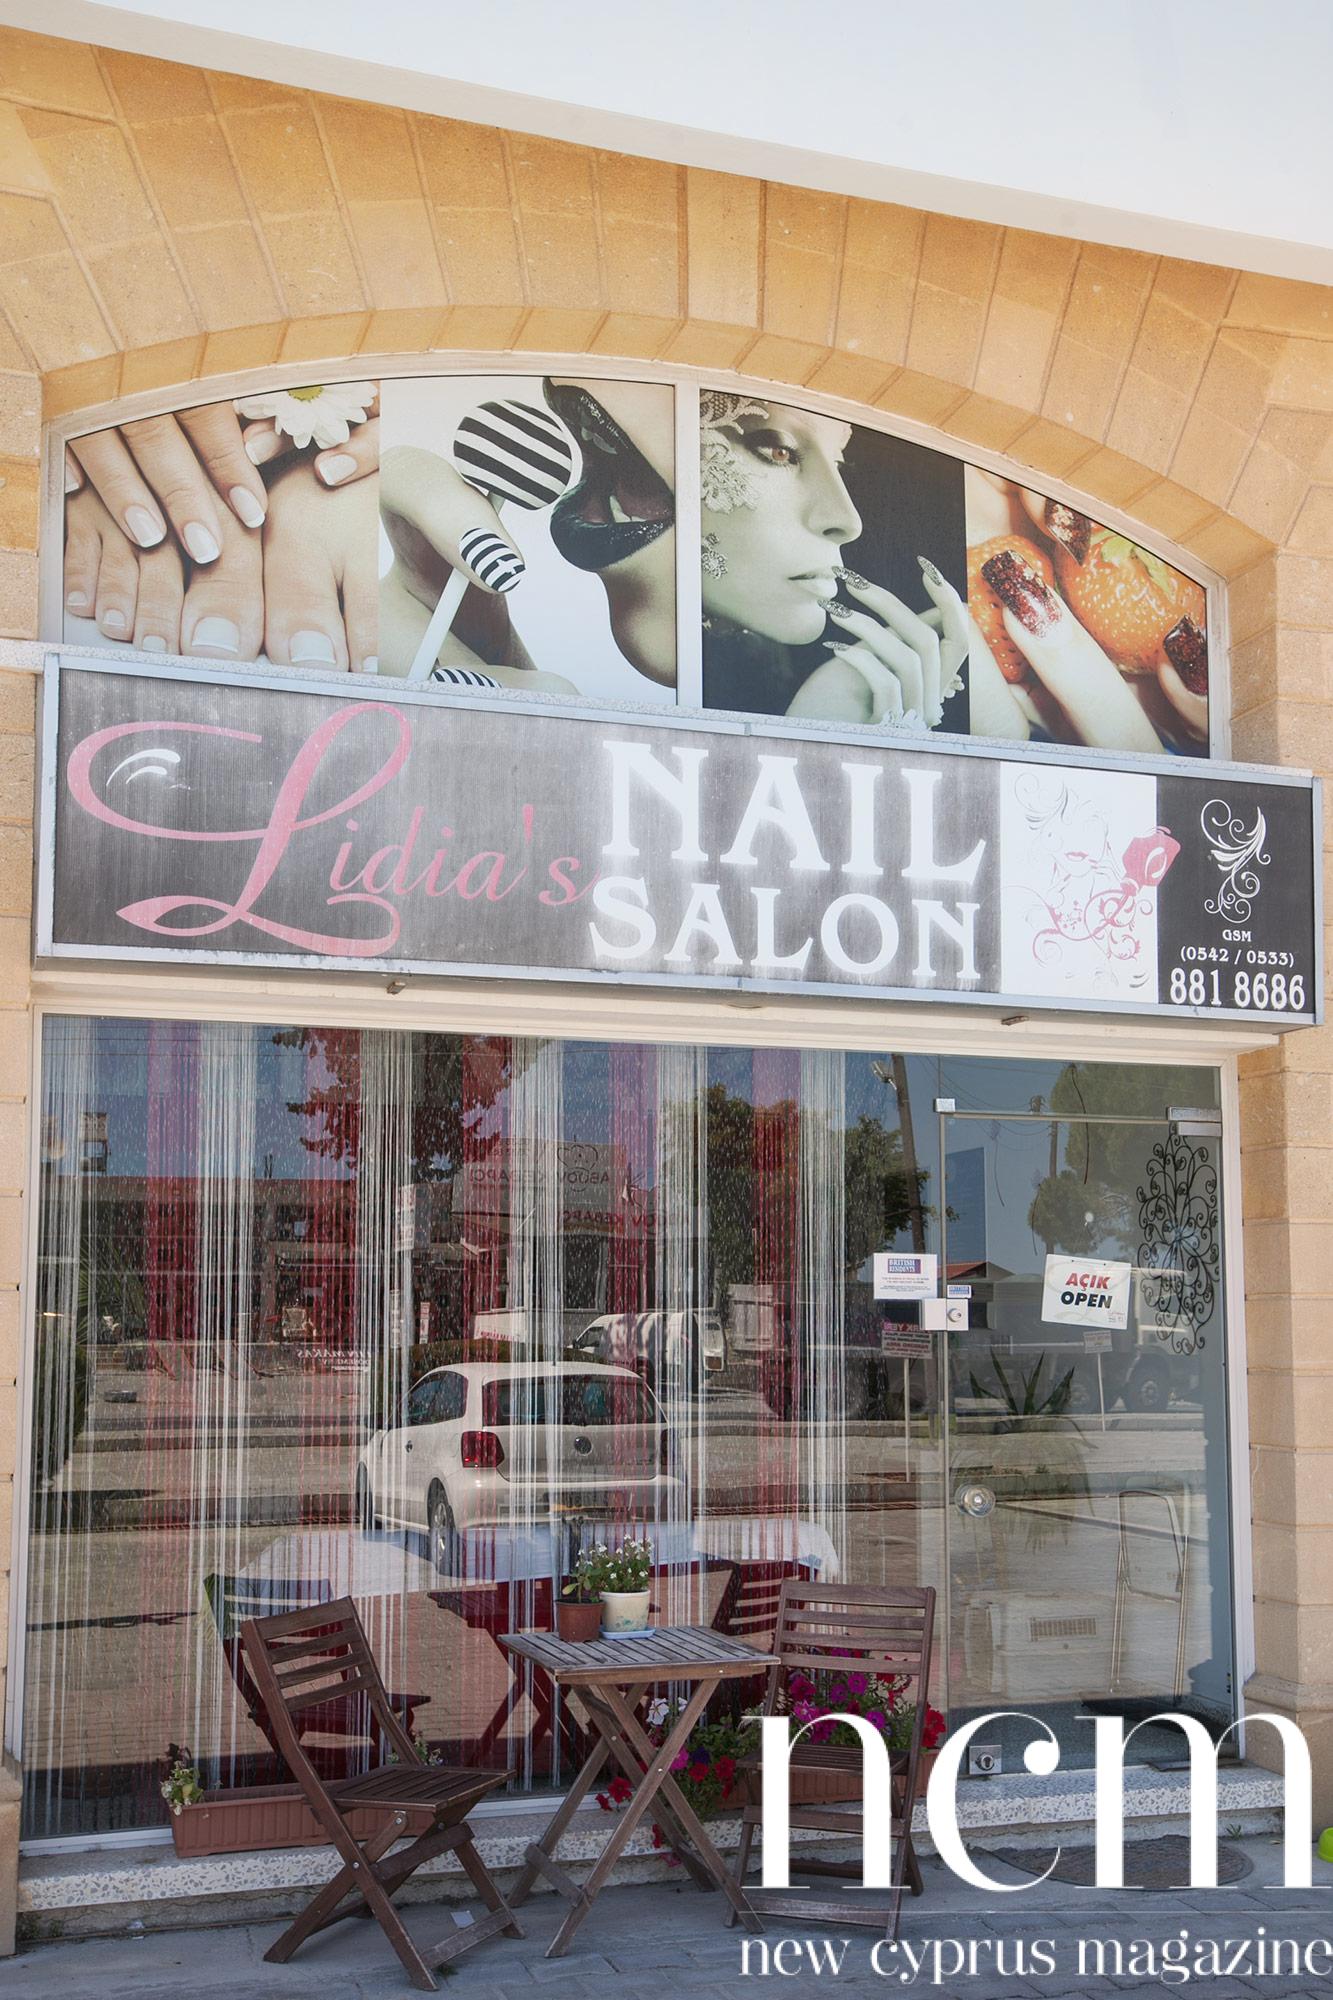 Lidia's Nail Salon